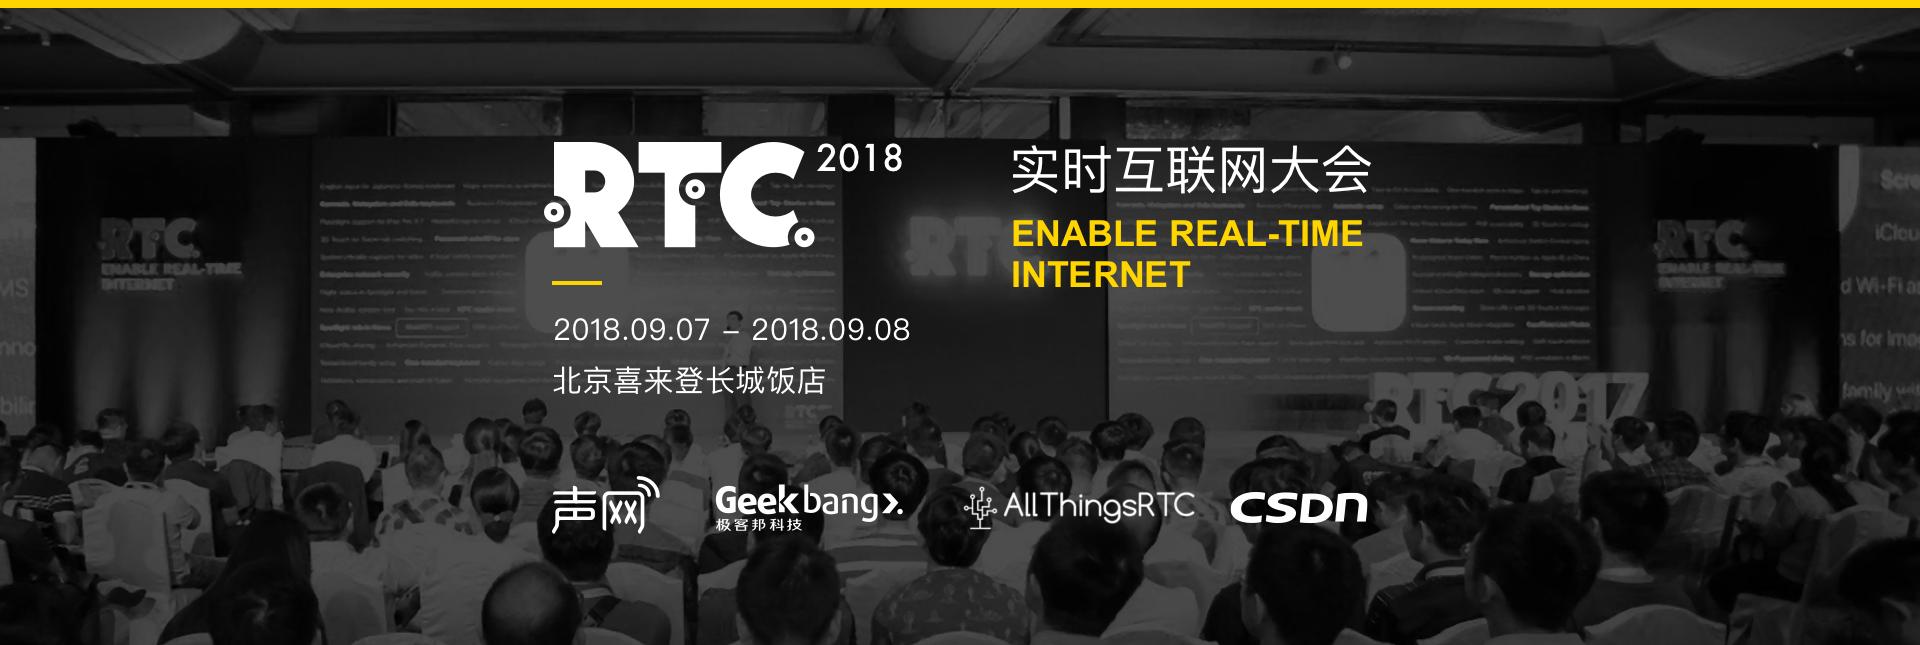 RTC2018 实时互联网大会